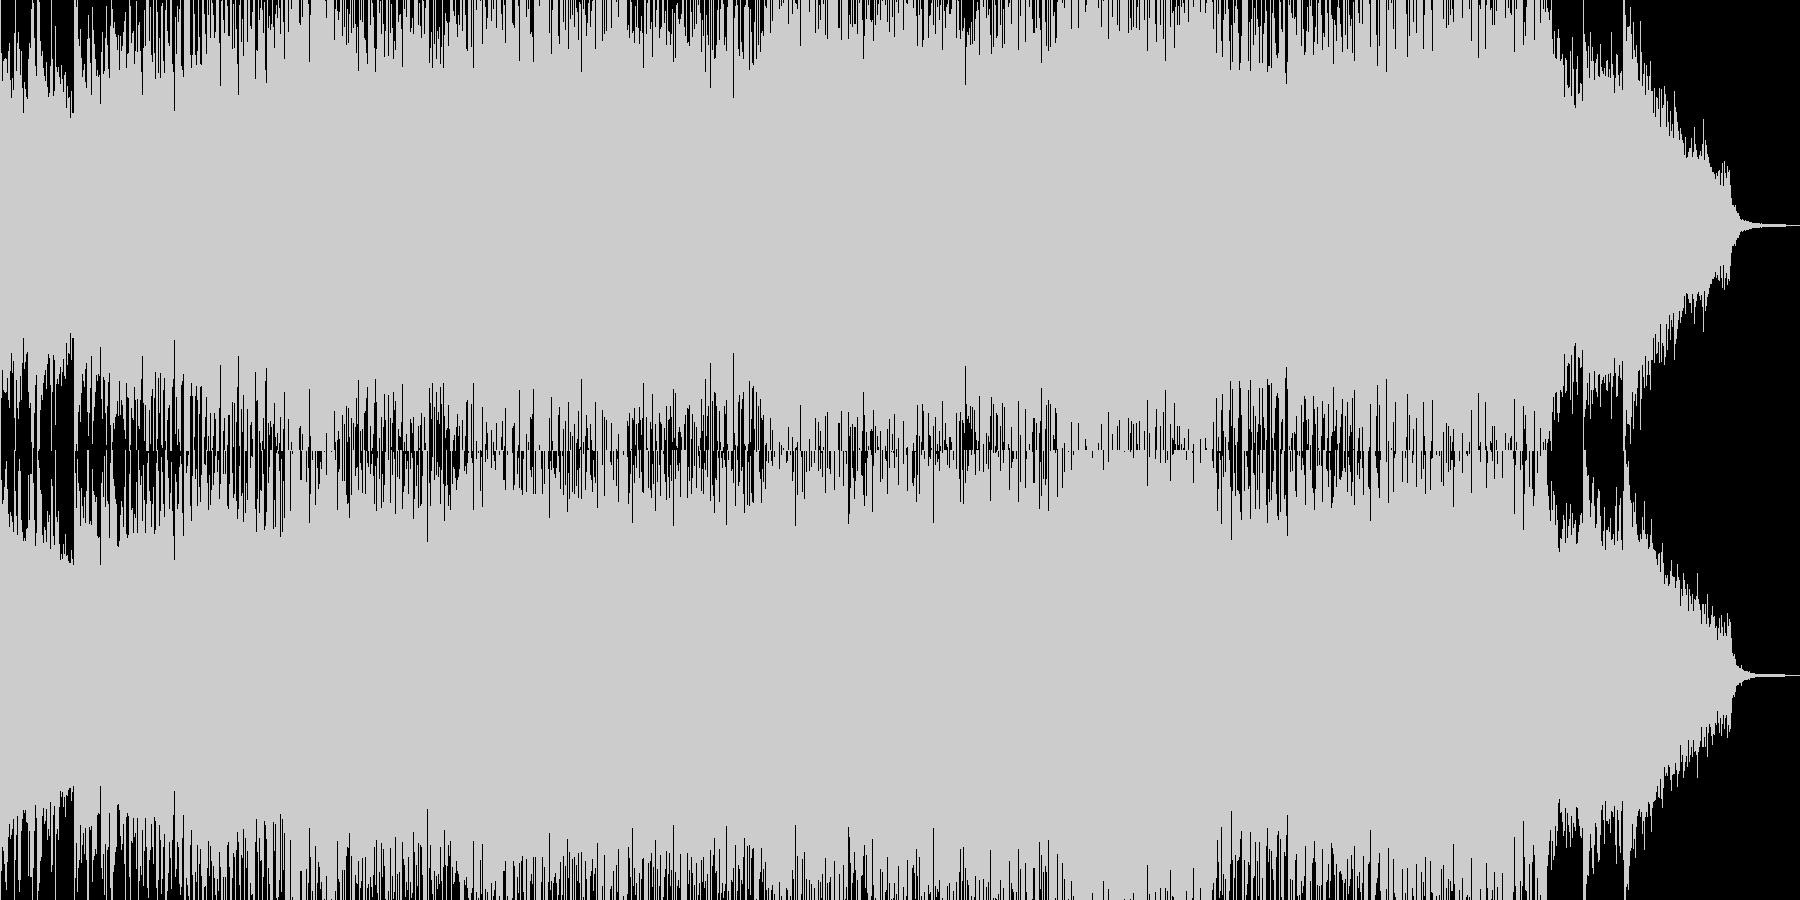 ストリングス・幕開け盛大な作品に 短尺★の未再生の波形